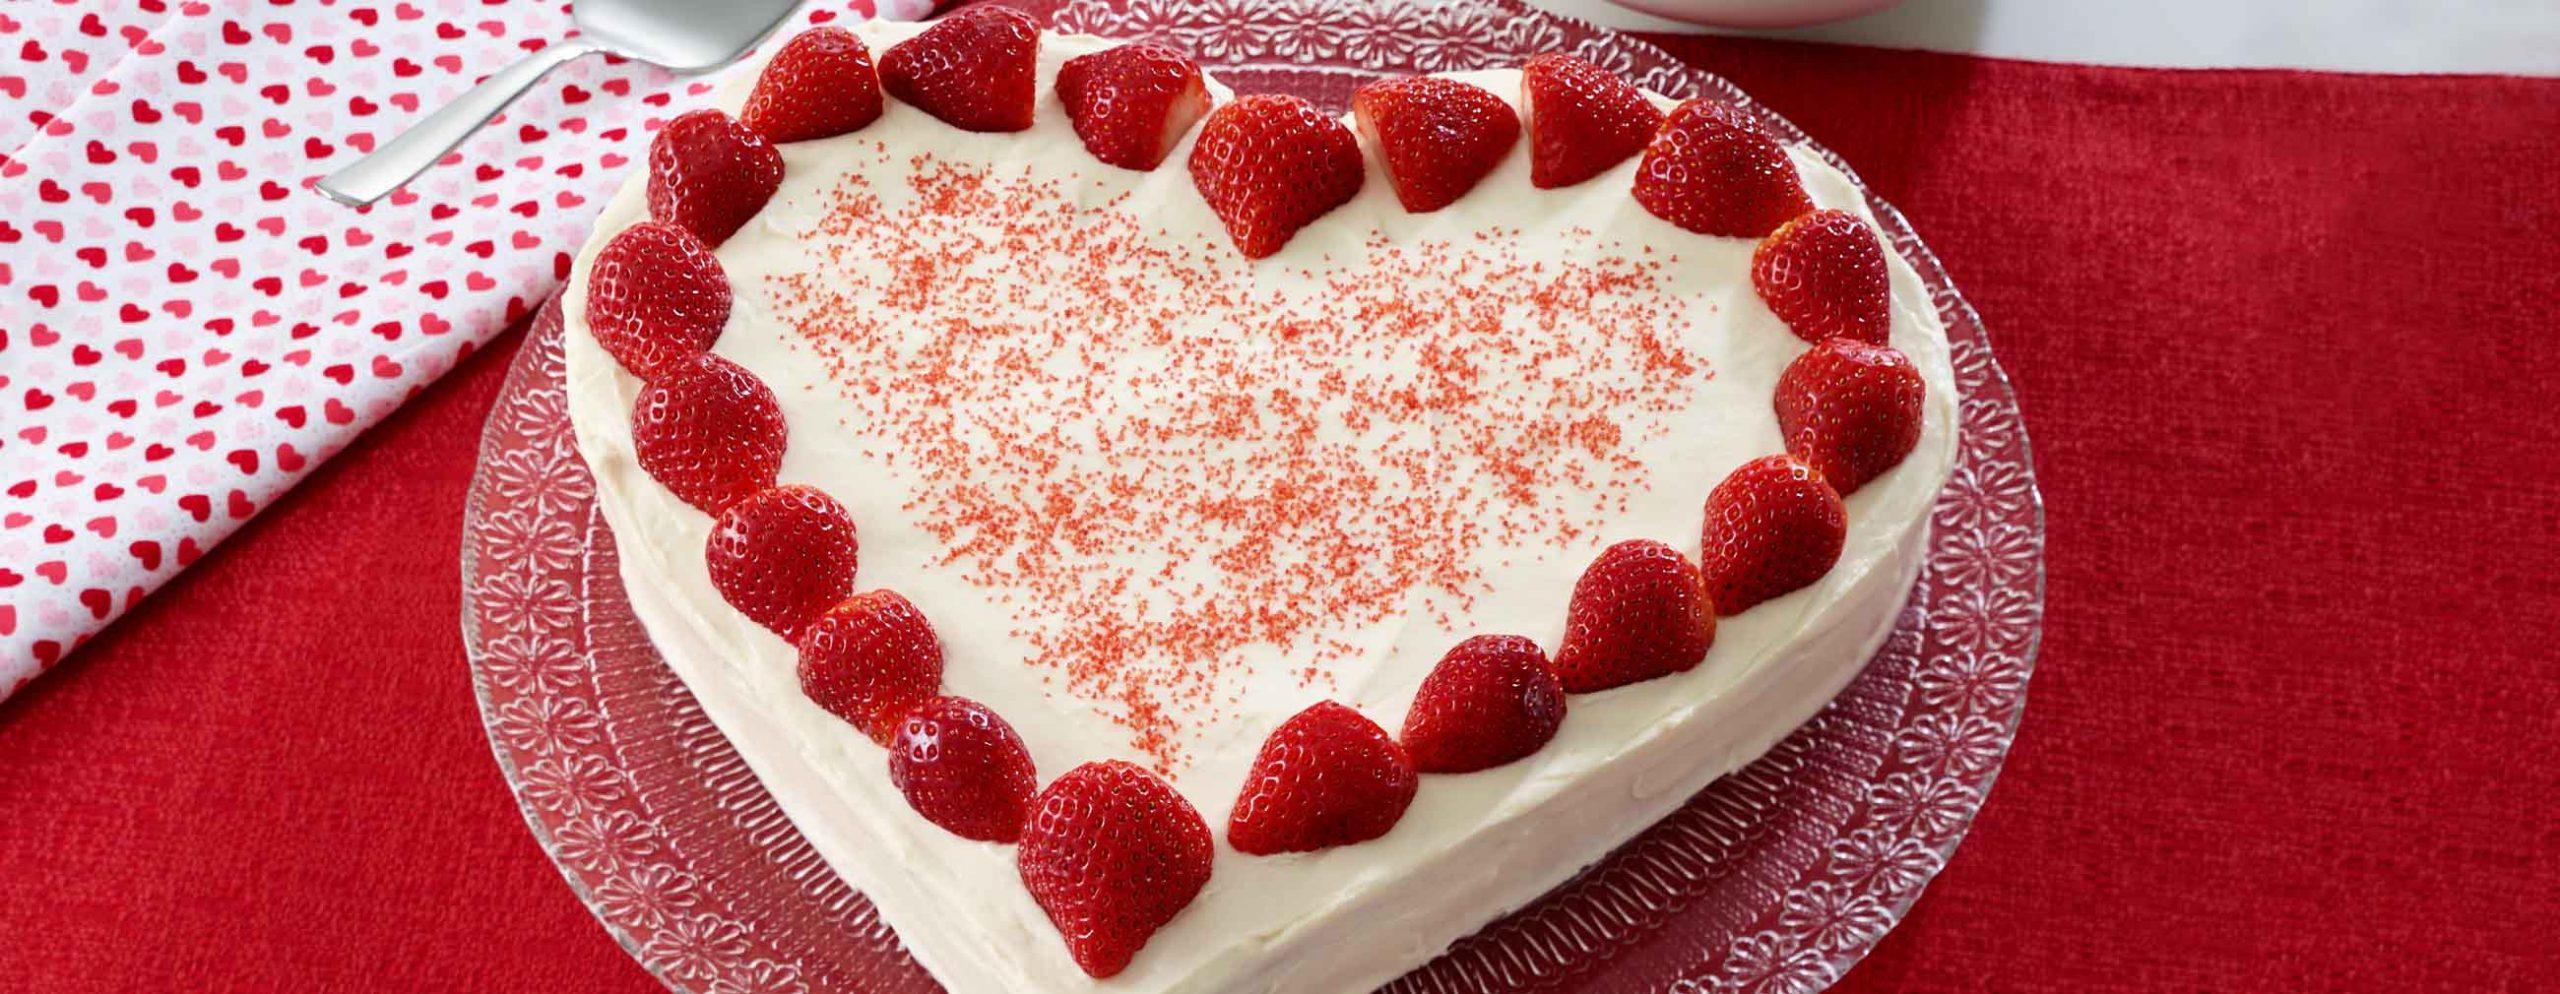 strawberries and cream cake